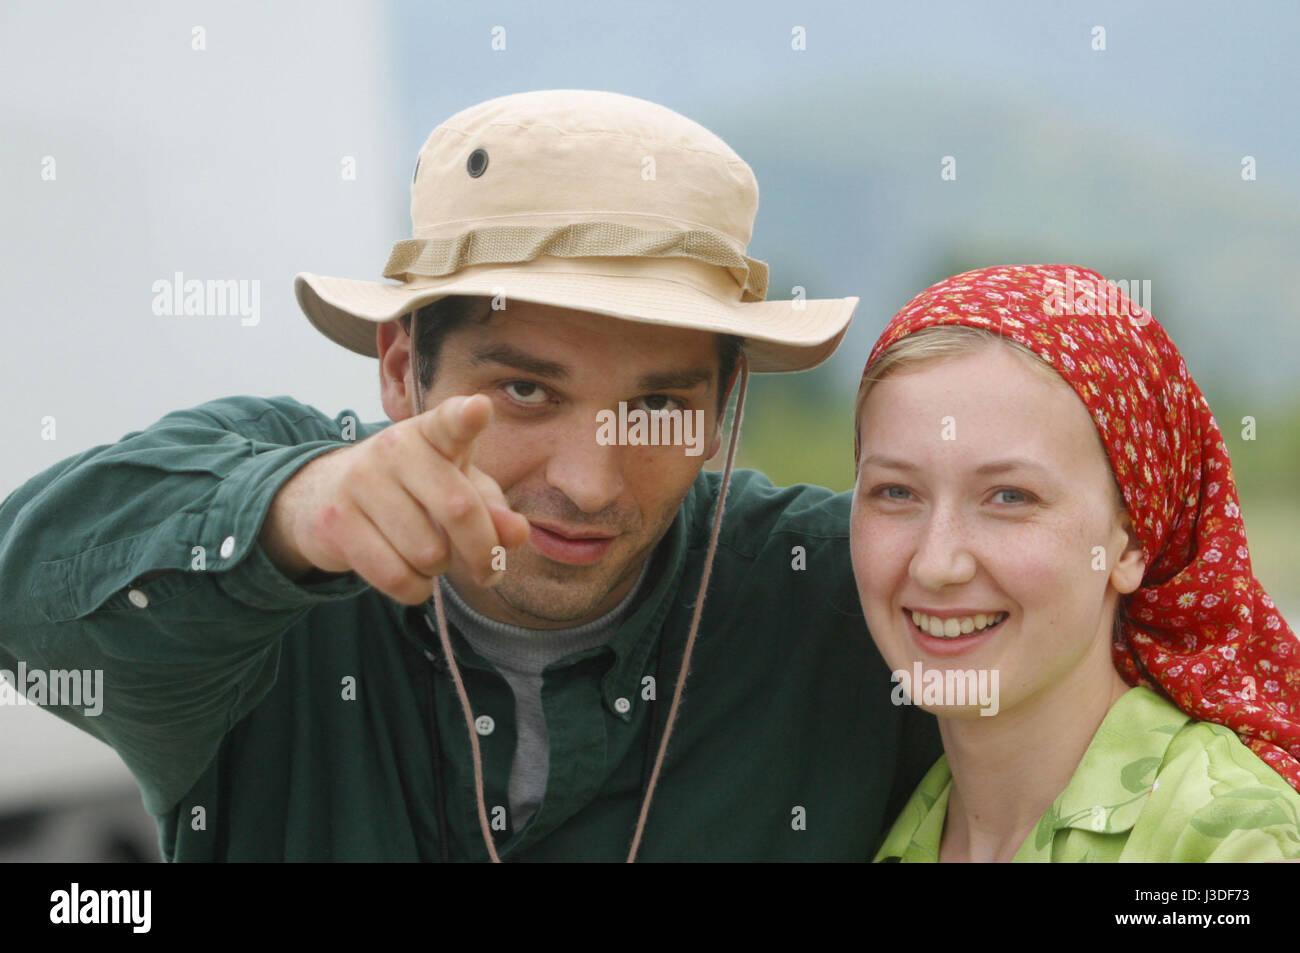 11'09'01 september 11 - segment 'Bosnia, Herzegovina' Year: 2002 - UK / France / Egypt / Japan / - Stock Image